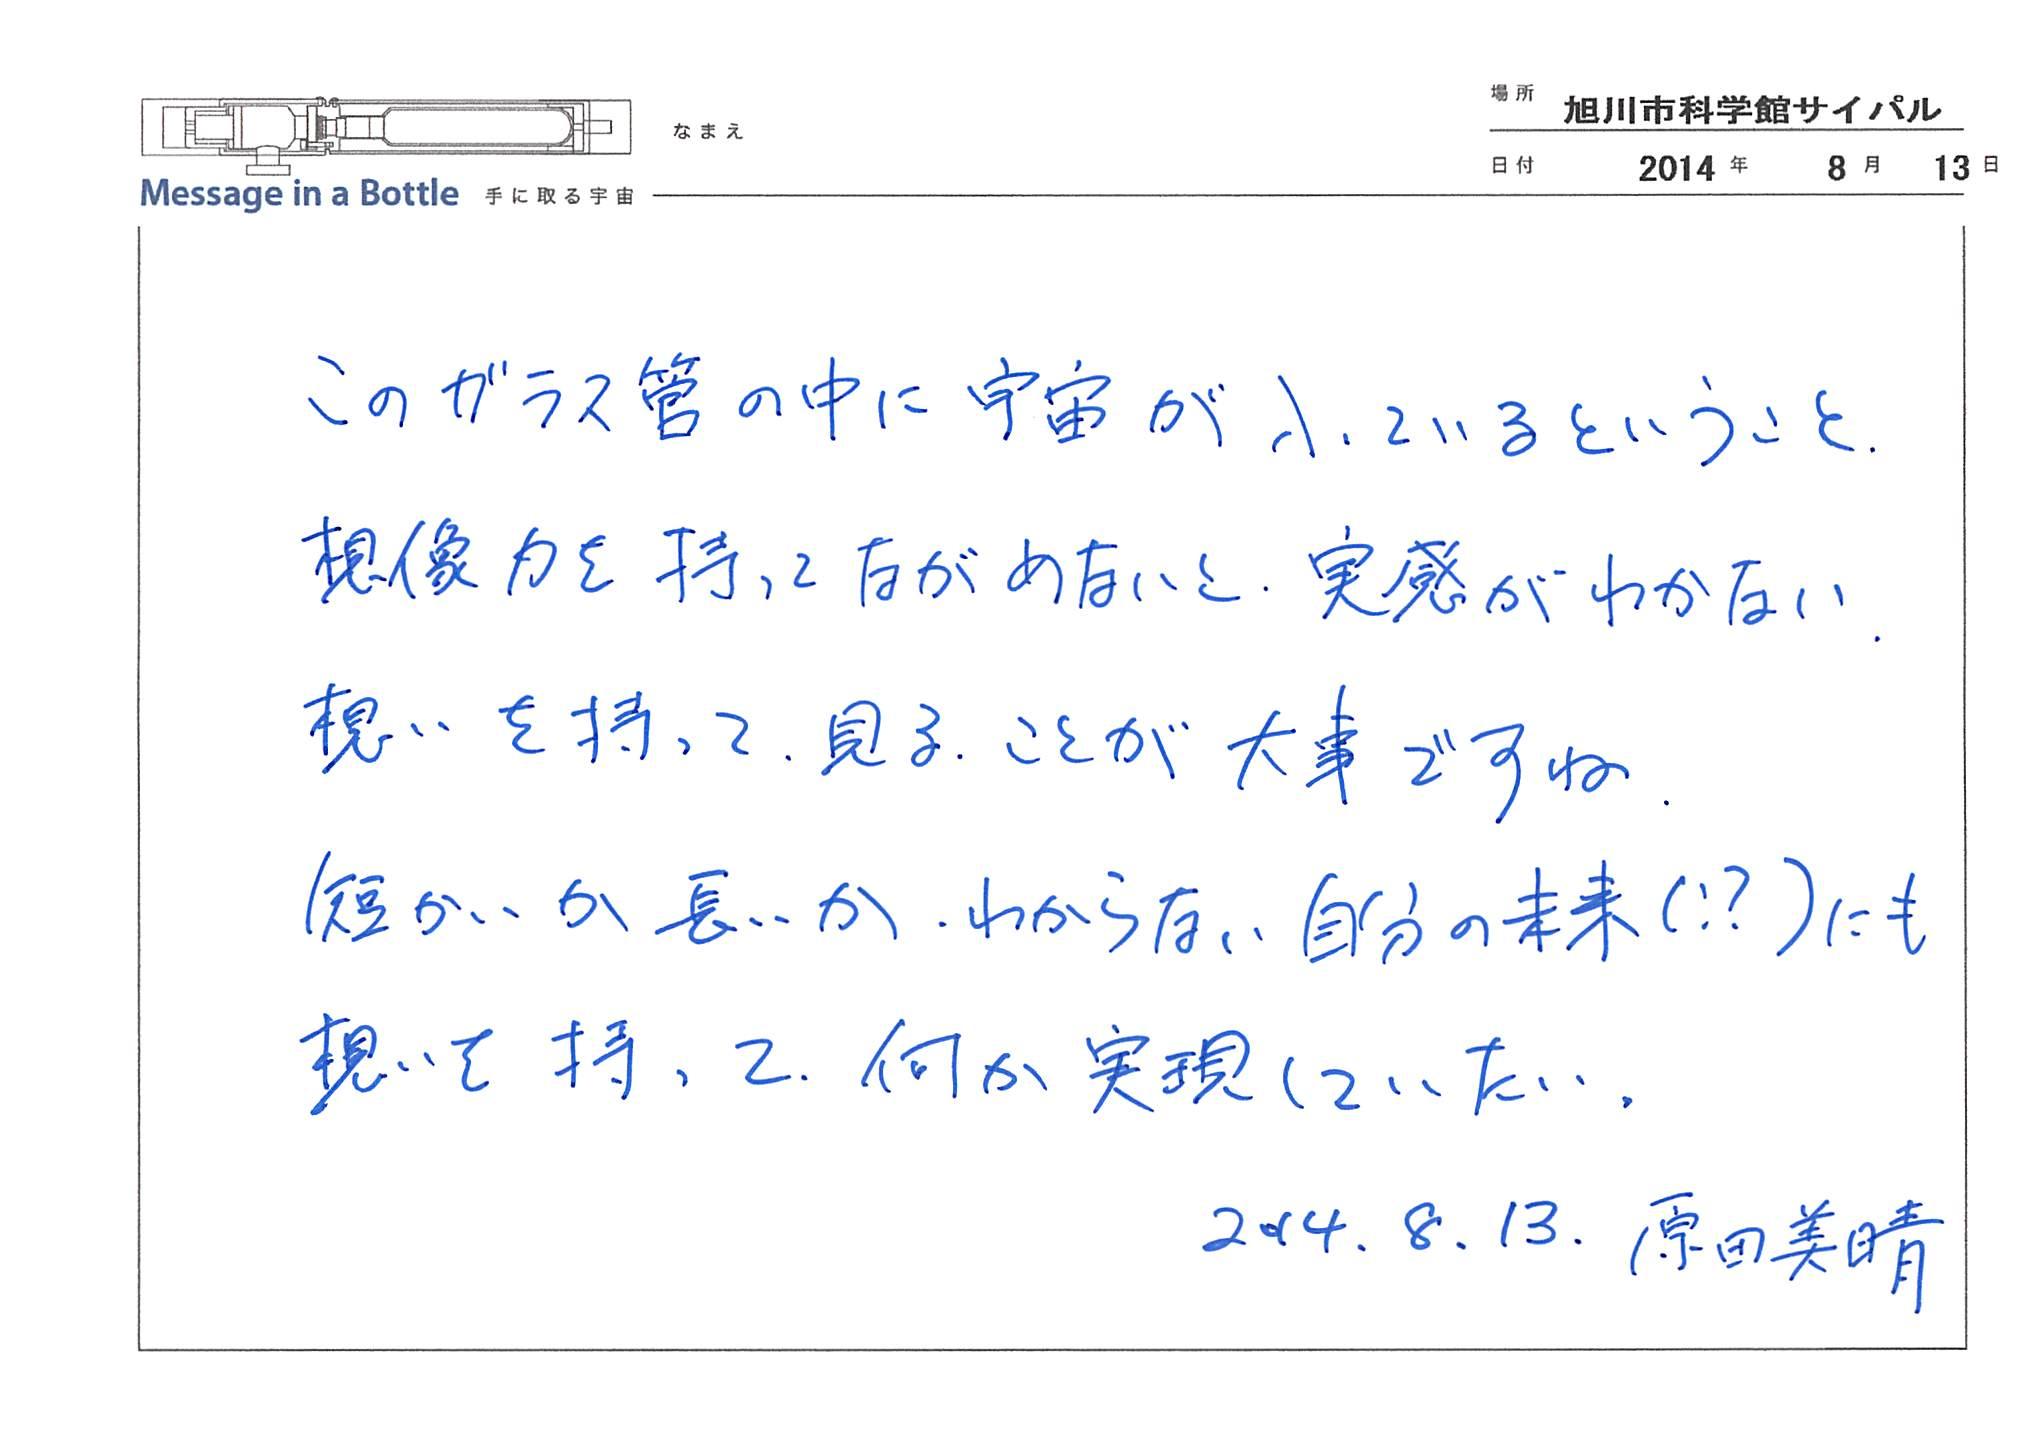 2014-08-13-19-05-45.jpg